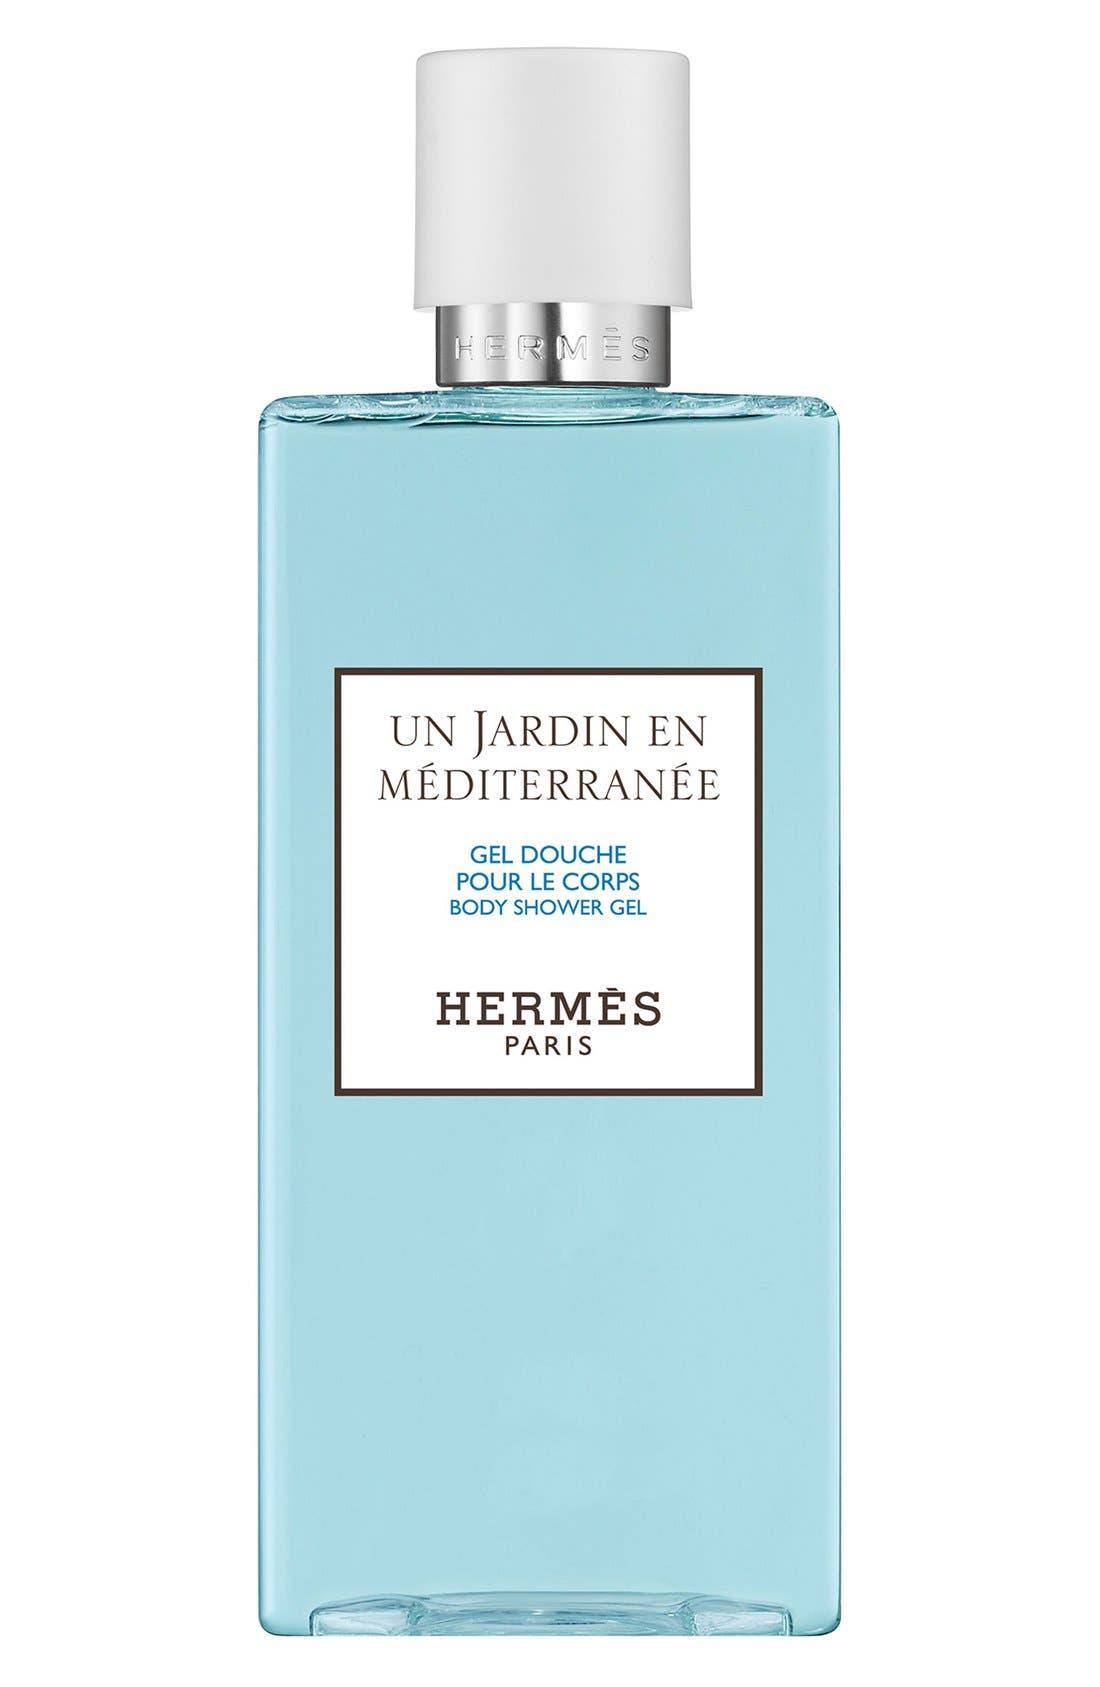 Le Jarden en Méditerranée - Body shower gel,                             Main thumbnail 1, color,                             NO COLOR